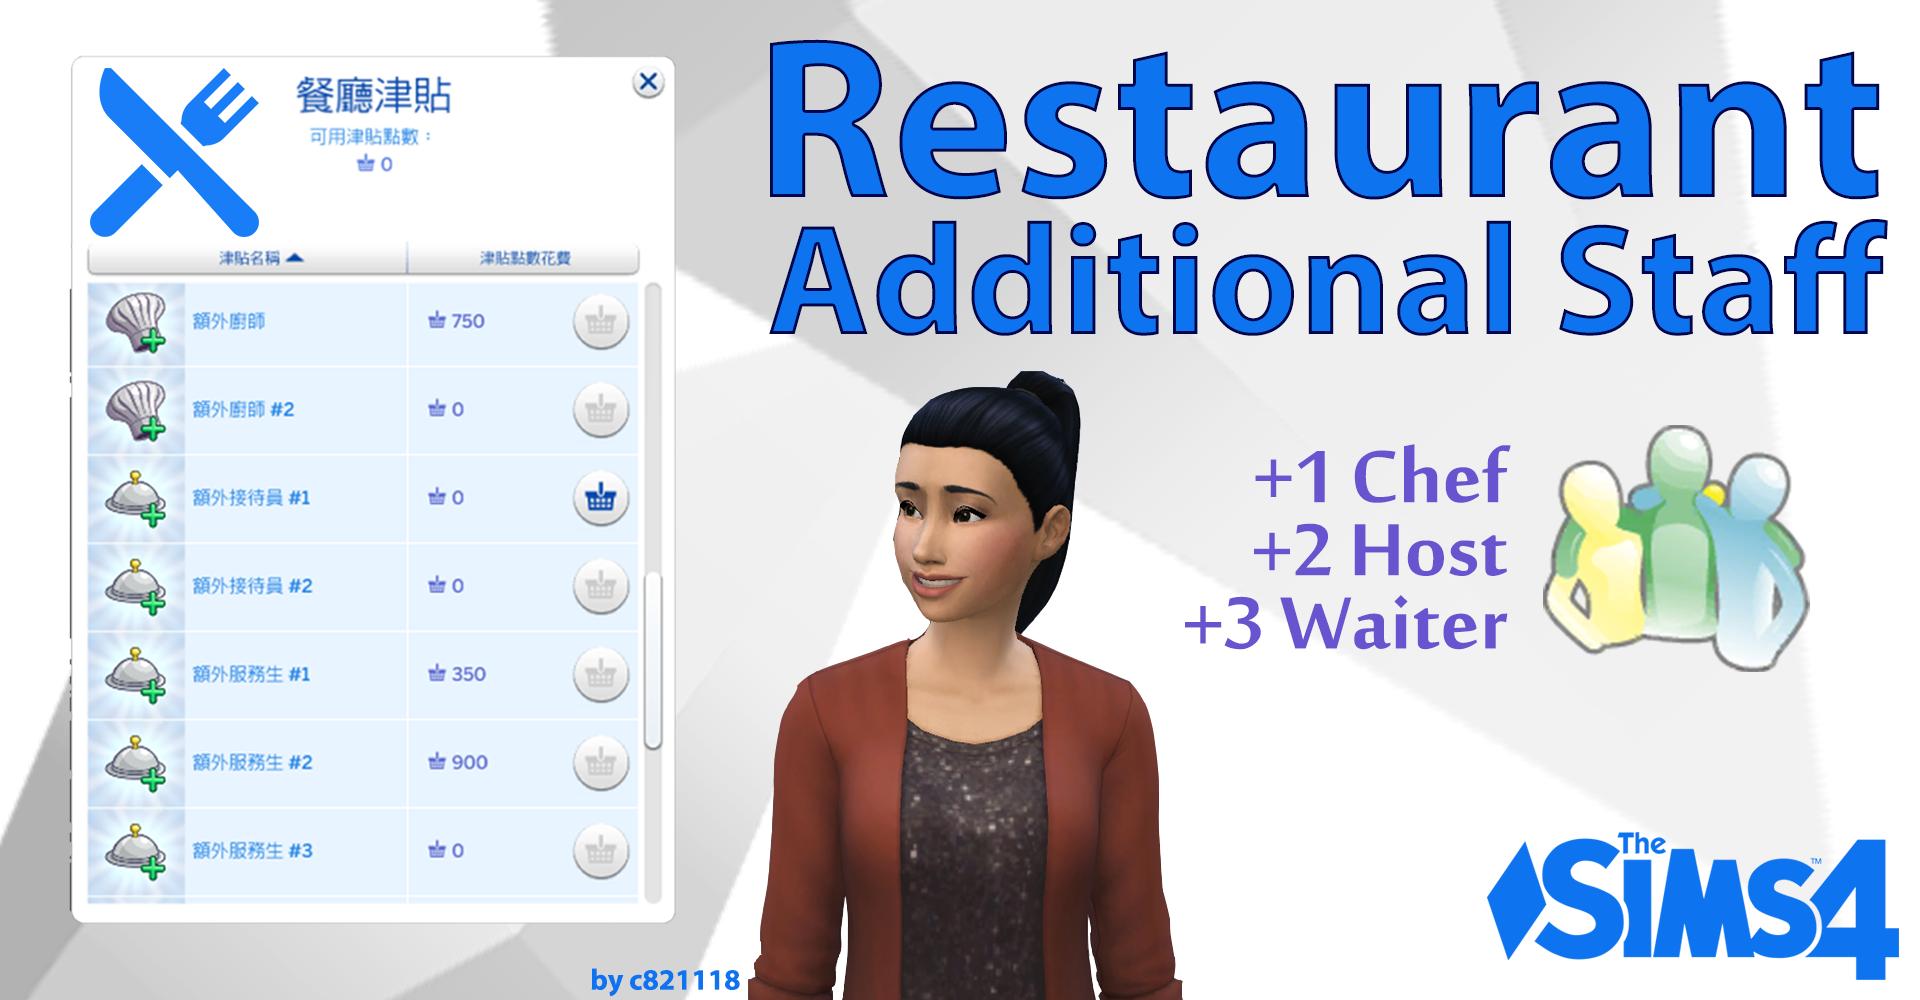 Мод Ресторан Дополнительный Персонал